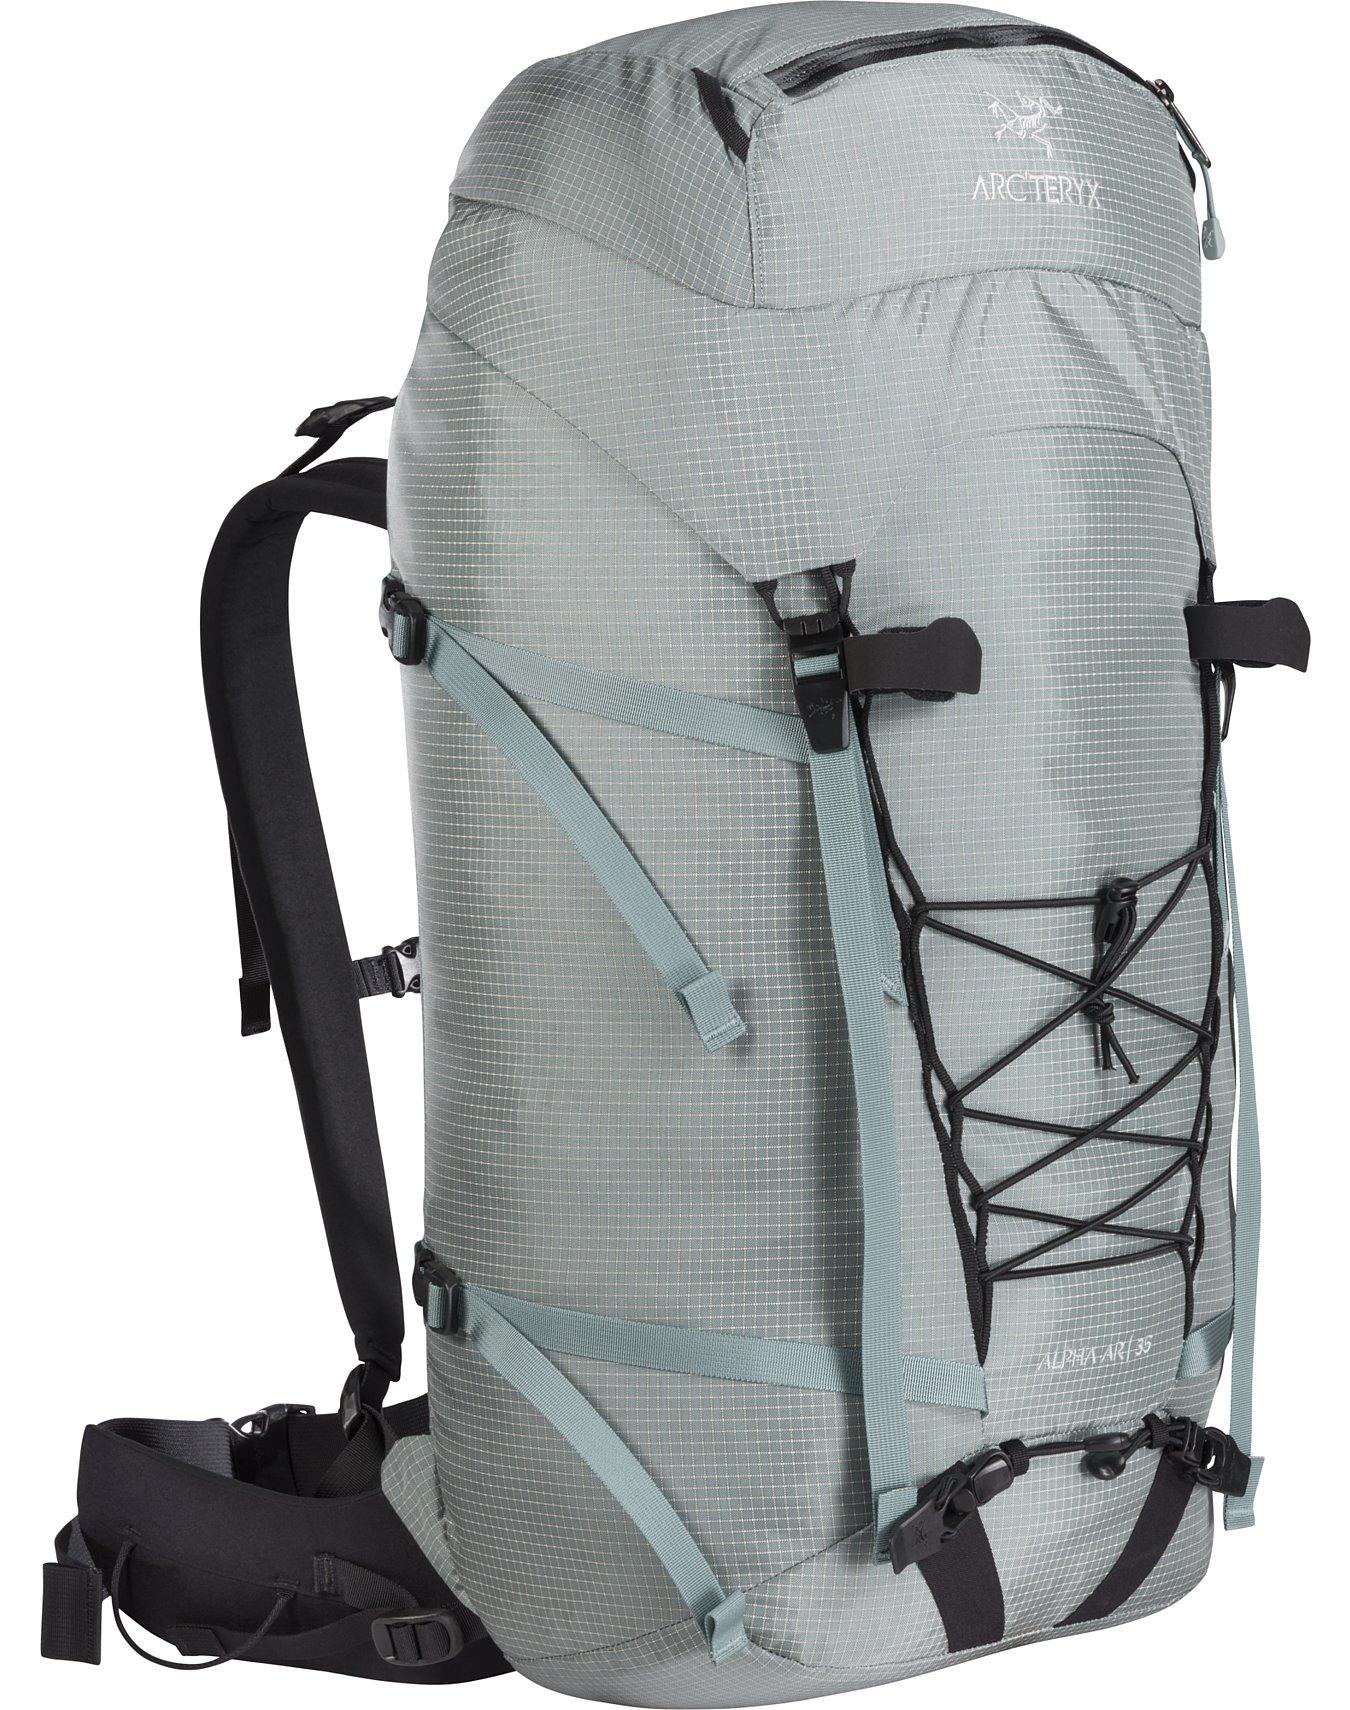 Sangle de compression pour sac /à dos et bagages rapides /à ouvrir